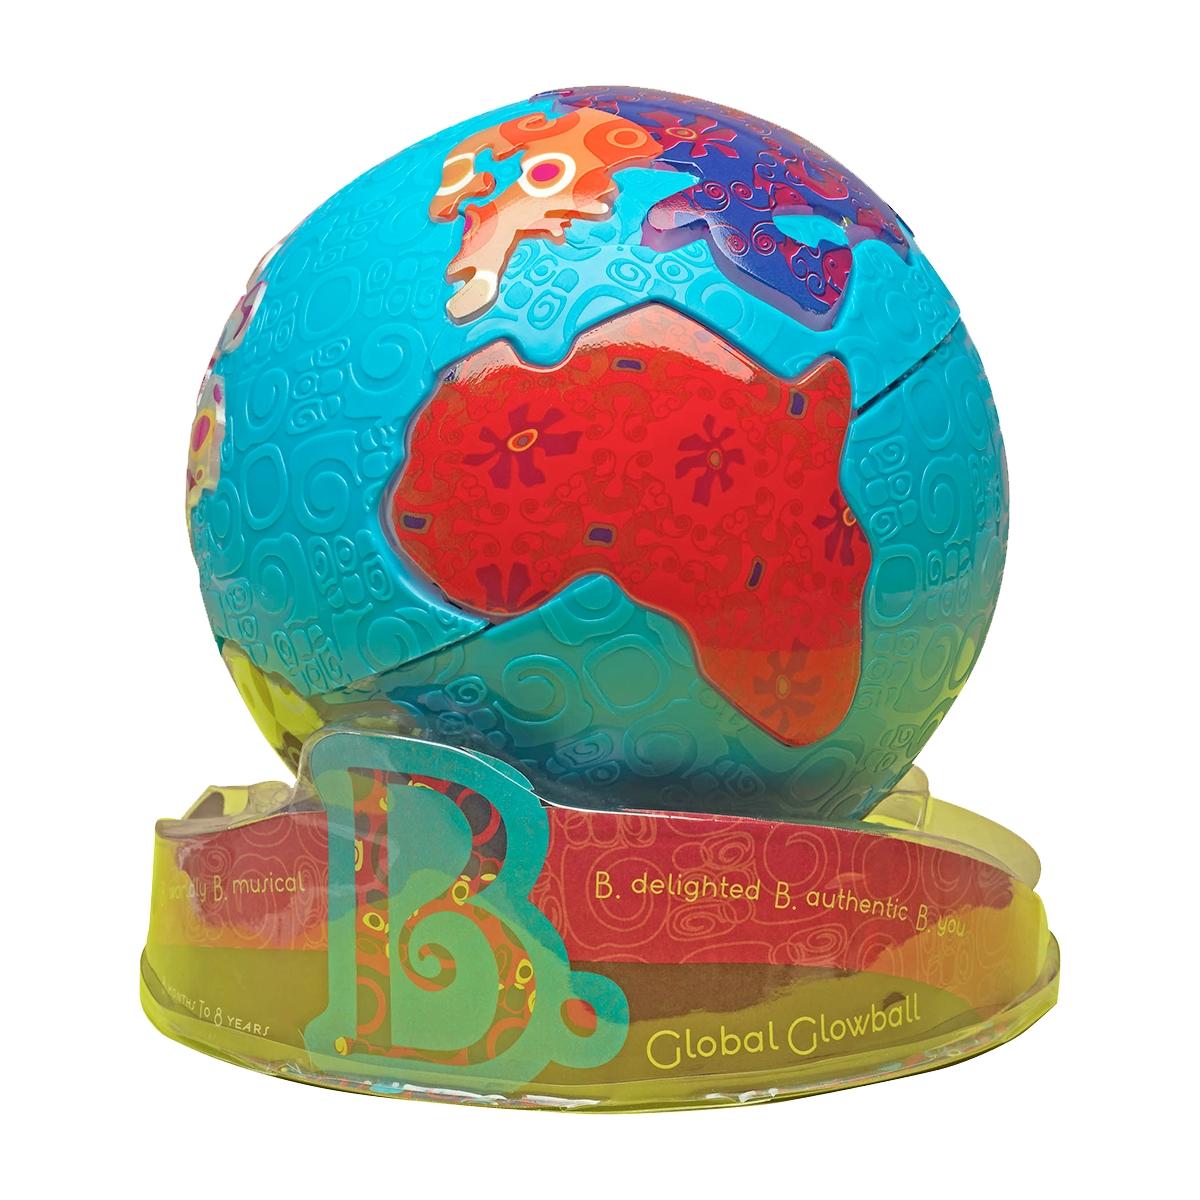 B.Dot Интерактивная игрушка Светящийся глобус68655Светящийся глобус B.Dot - это полезный и интересный подарок для вашего ребенка. Нажмите на любой островок глобуса и вы услышите музыку, которая является визитной карточкой для данного континента. Включите режим огни и глобус будет светиться как ночник, с которым вашему малышу будет не страшно спать. Всего 39 песен с семи континентов. Если вы не будете трогать игрушку 20 минут и более, она отключается, что позволит экономить батарейки. Все элементы выполнены из прочного пластика. Такая игрушка развивает воображение, позволяет узнать информацию о континентах, а также познакомиться с формой нашей планеты. Для работы потребуются 3 батарейки типа AAA(в комплект входят).